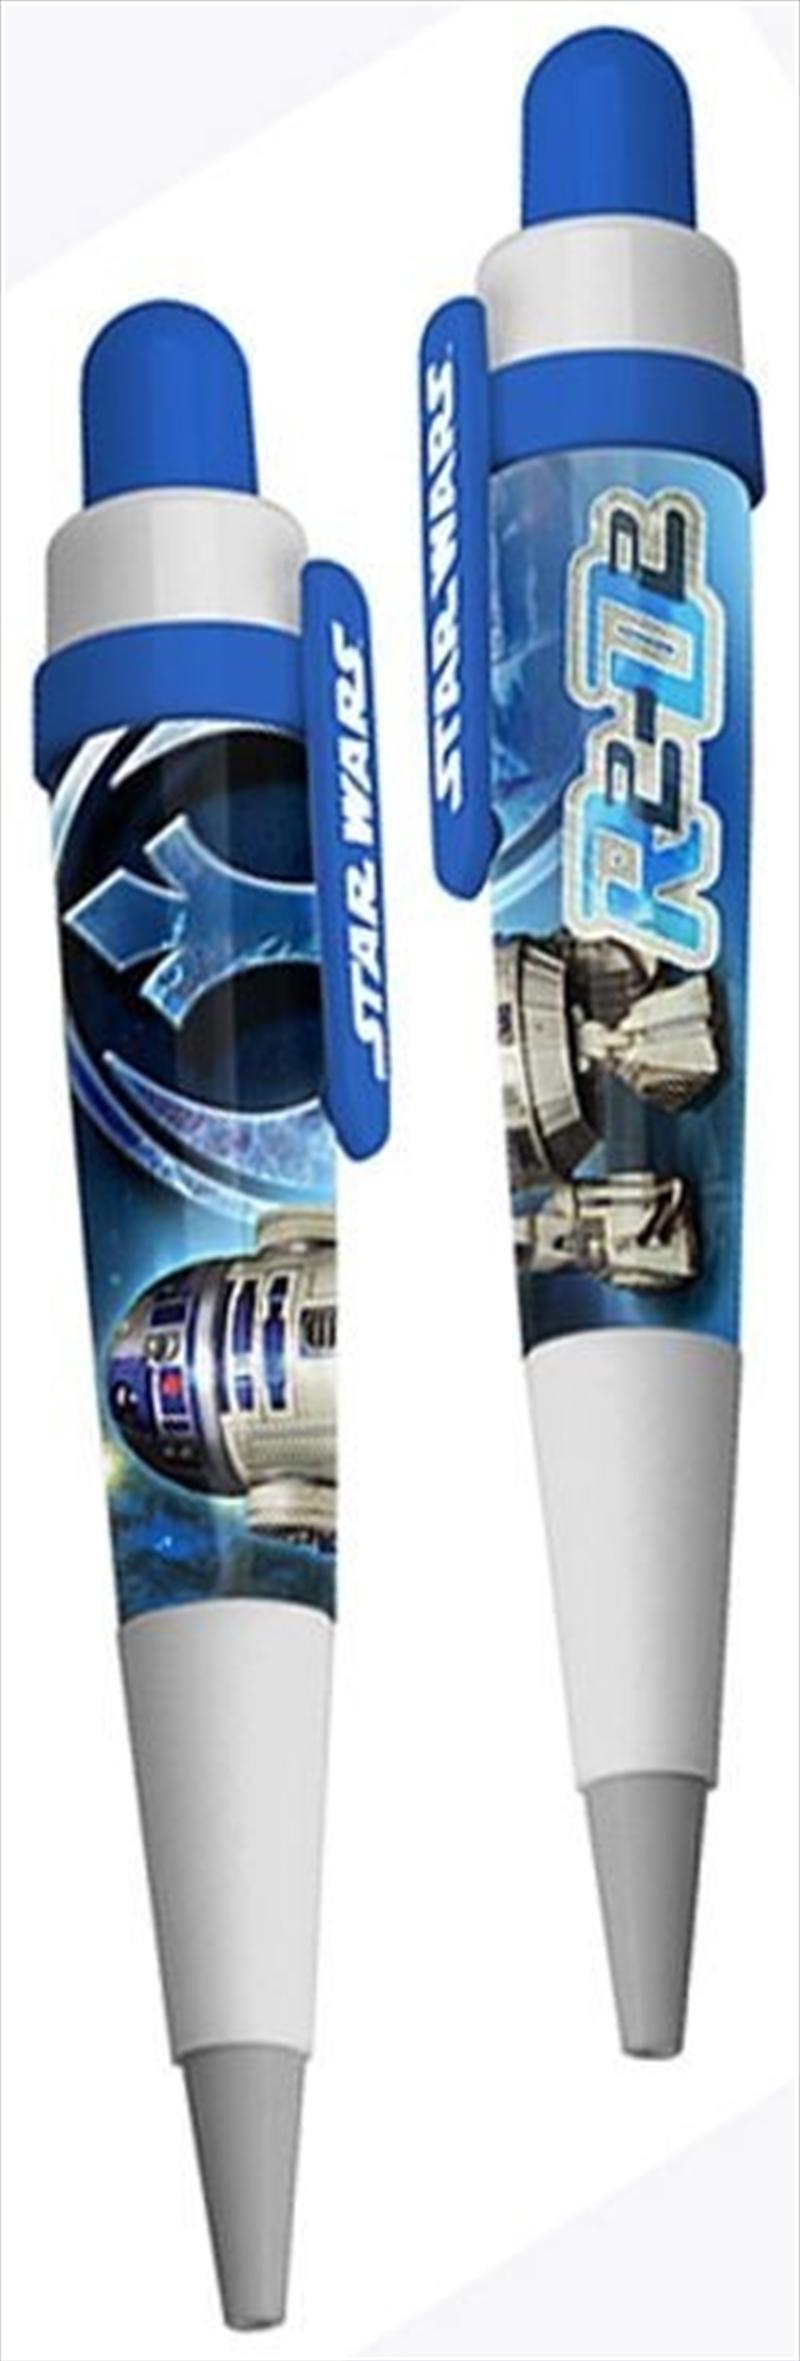 Star Wars Musical Pen R2D2 | Merchandise